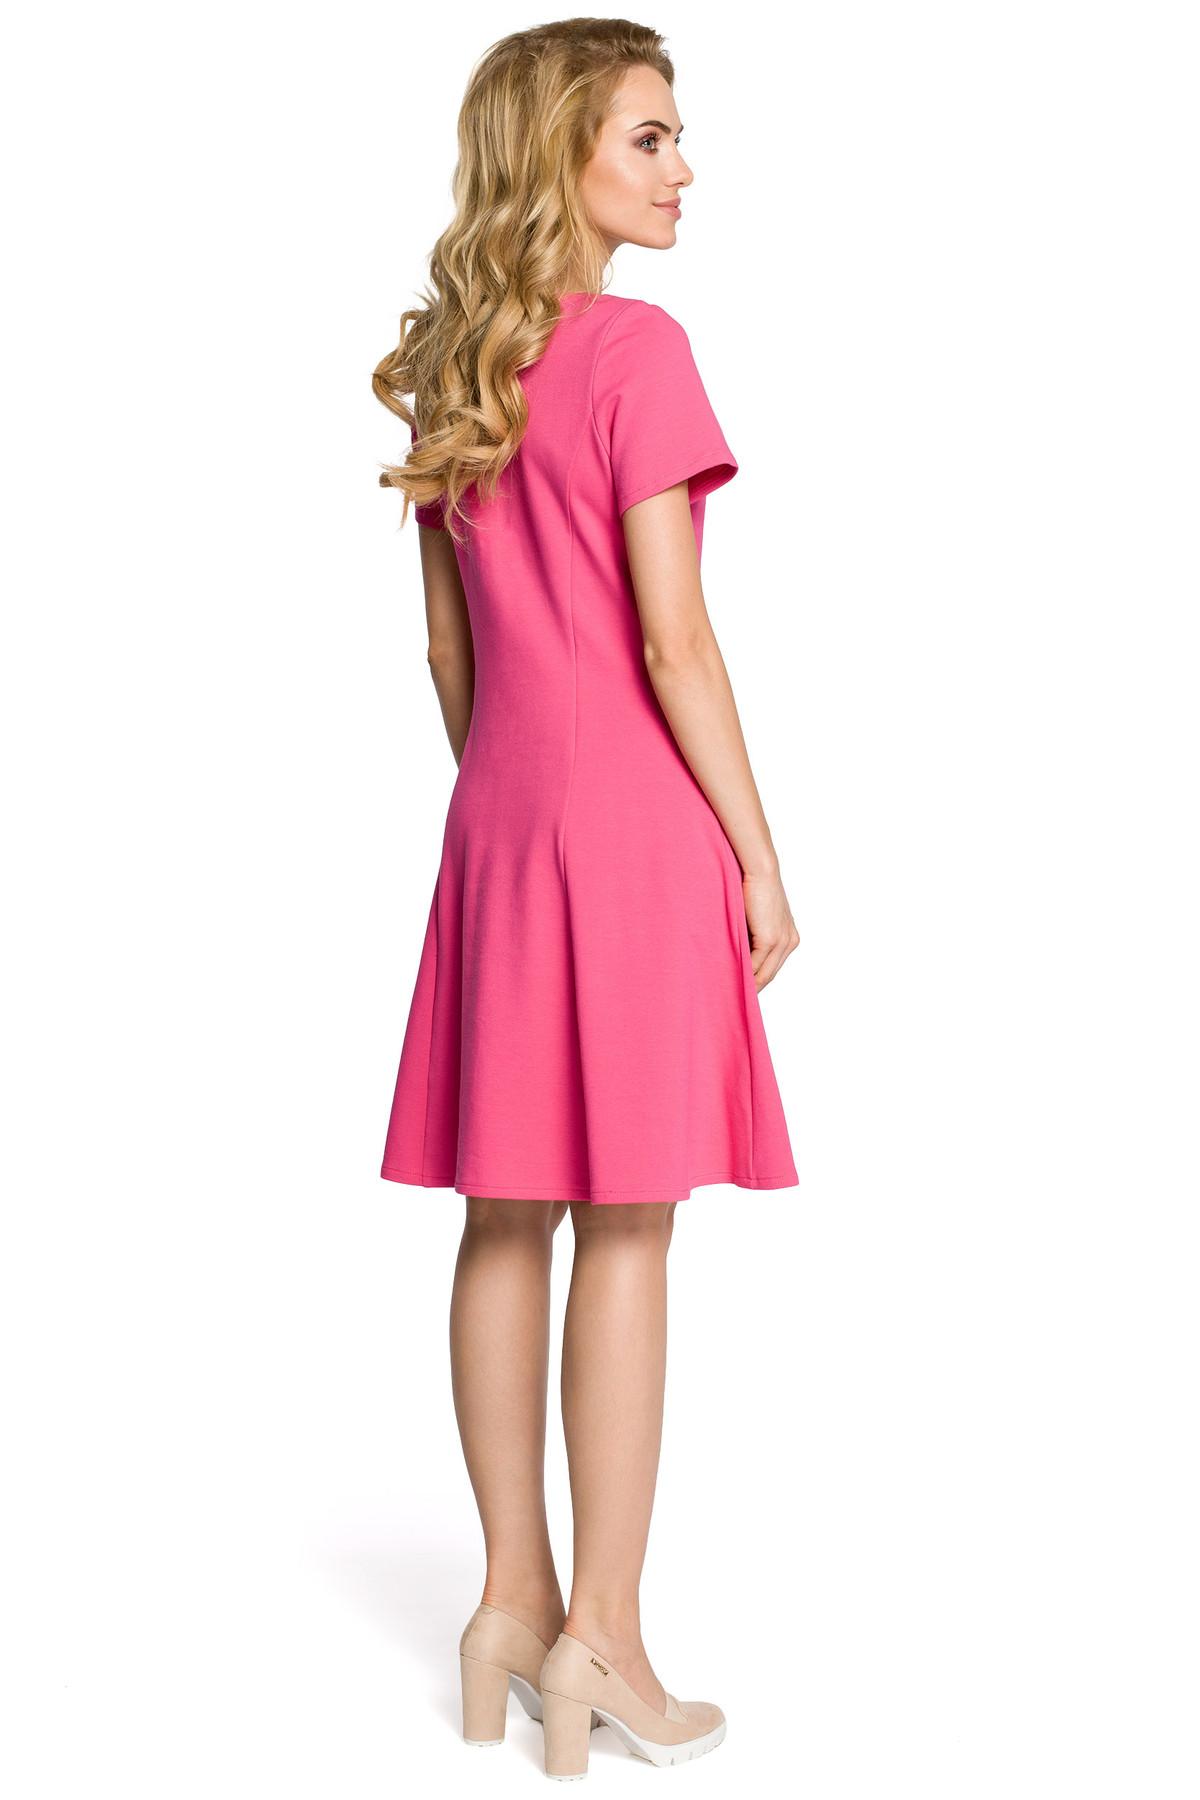 Clea Kleid mit Taschen und Gummi an der Taille Damen Kleider ...